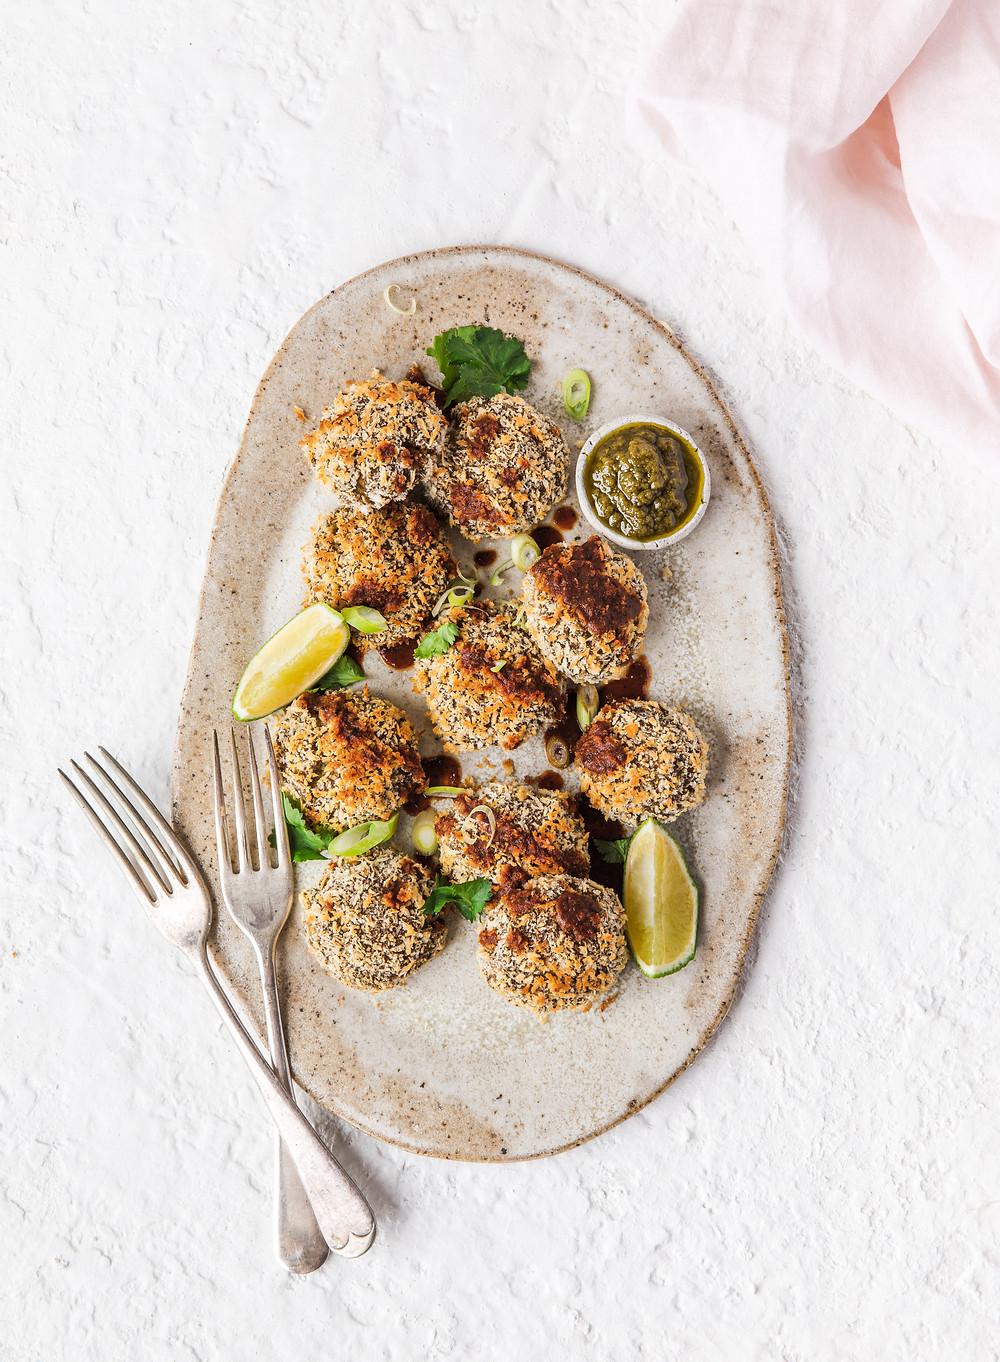 Ginger scallion meatless mushroom tofu meatballs. Meatless alternative.